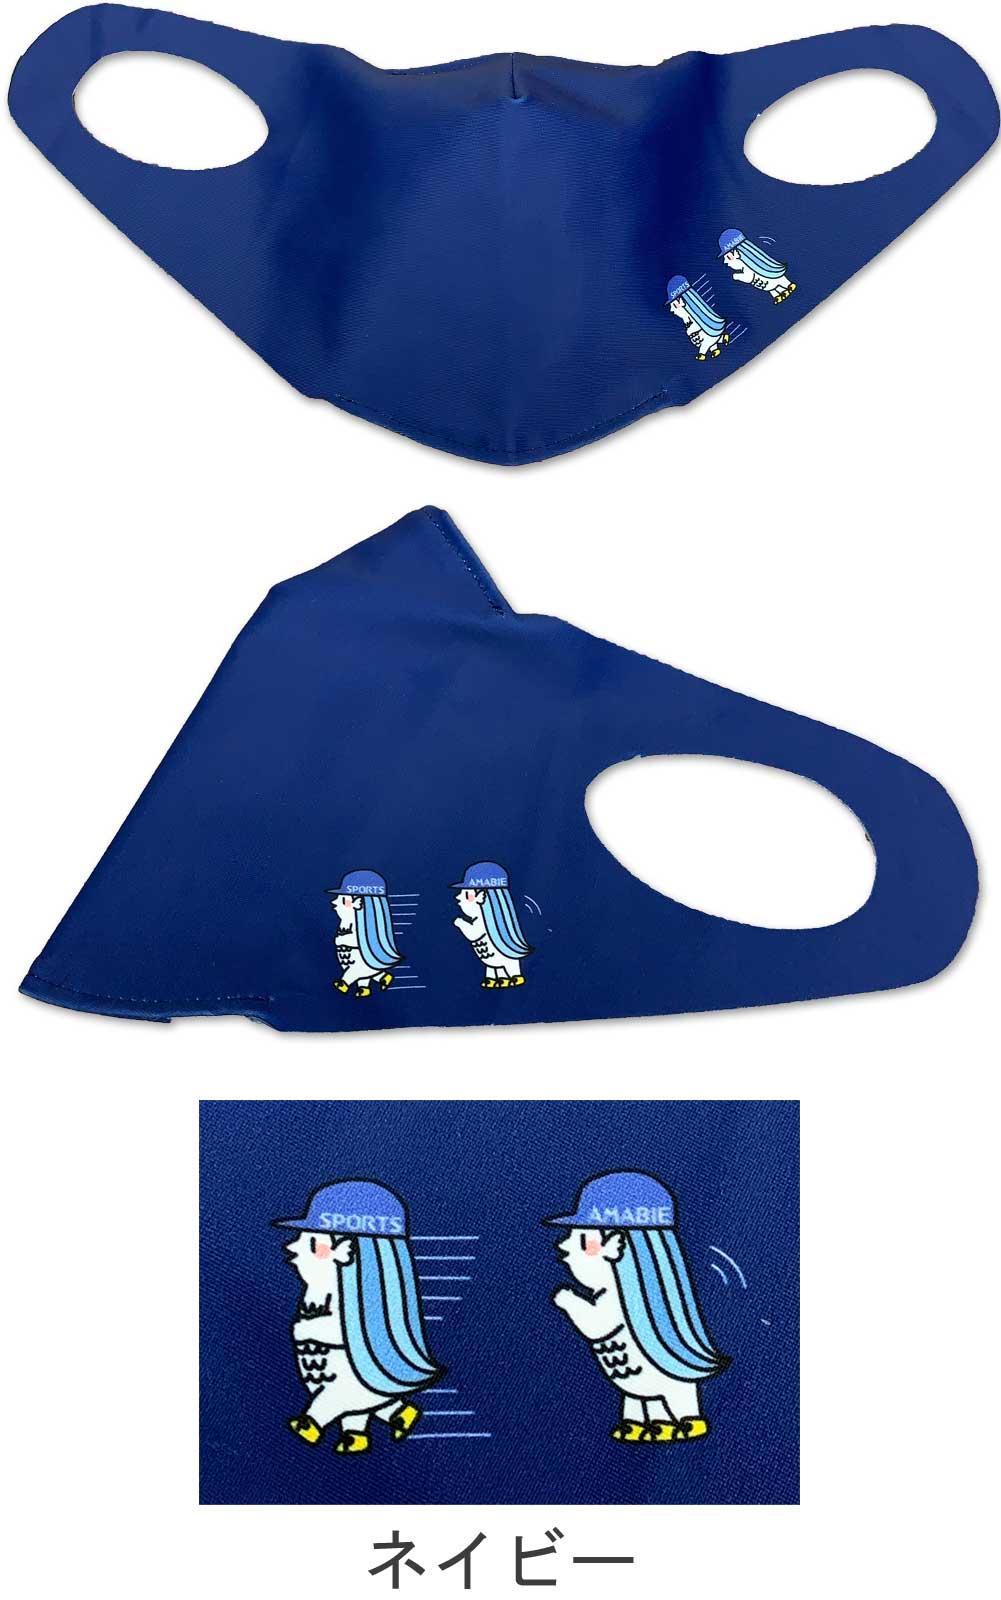 水着素材マスク 3D立体縫製 アマビエマスク 水着マスク スポーツ用 スポビエ